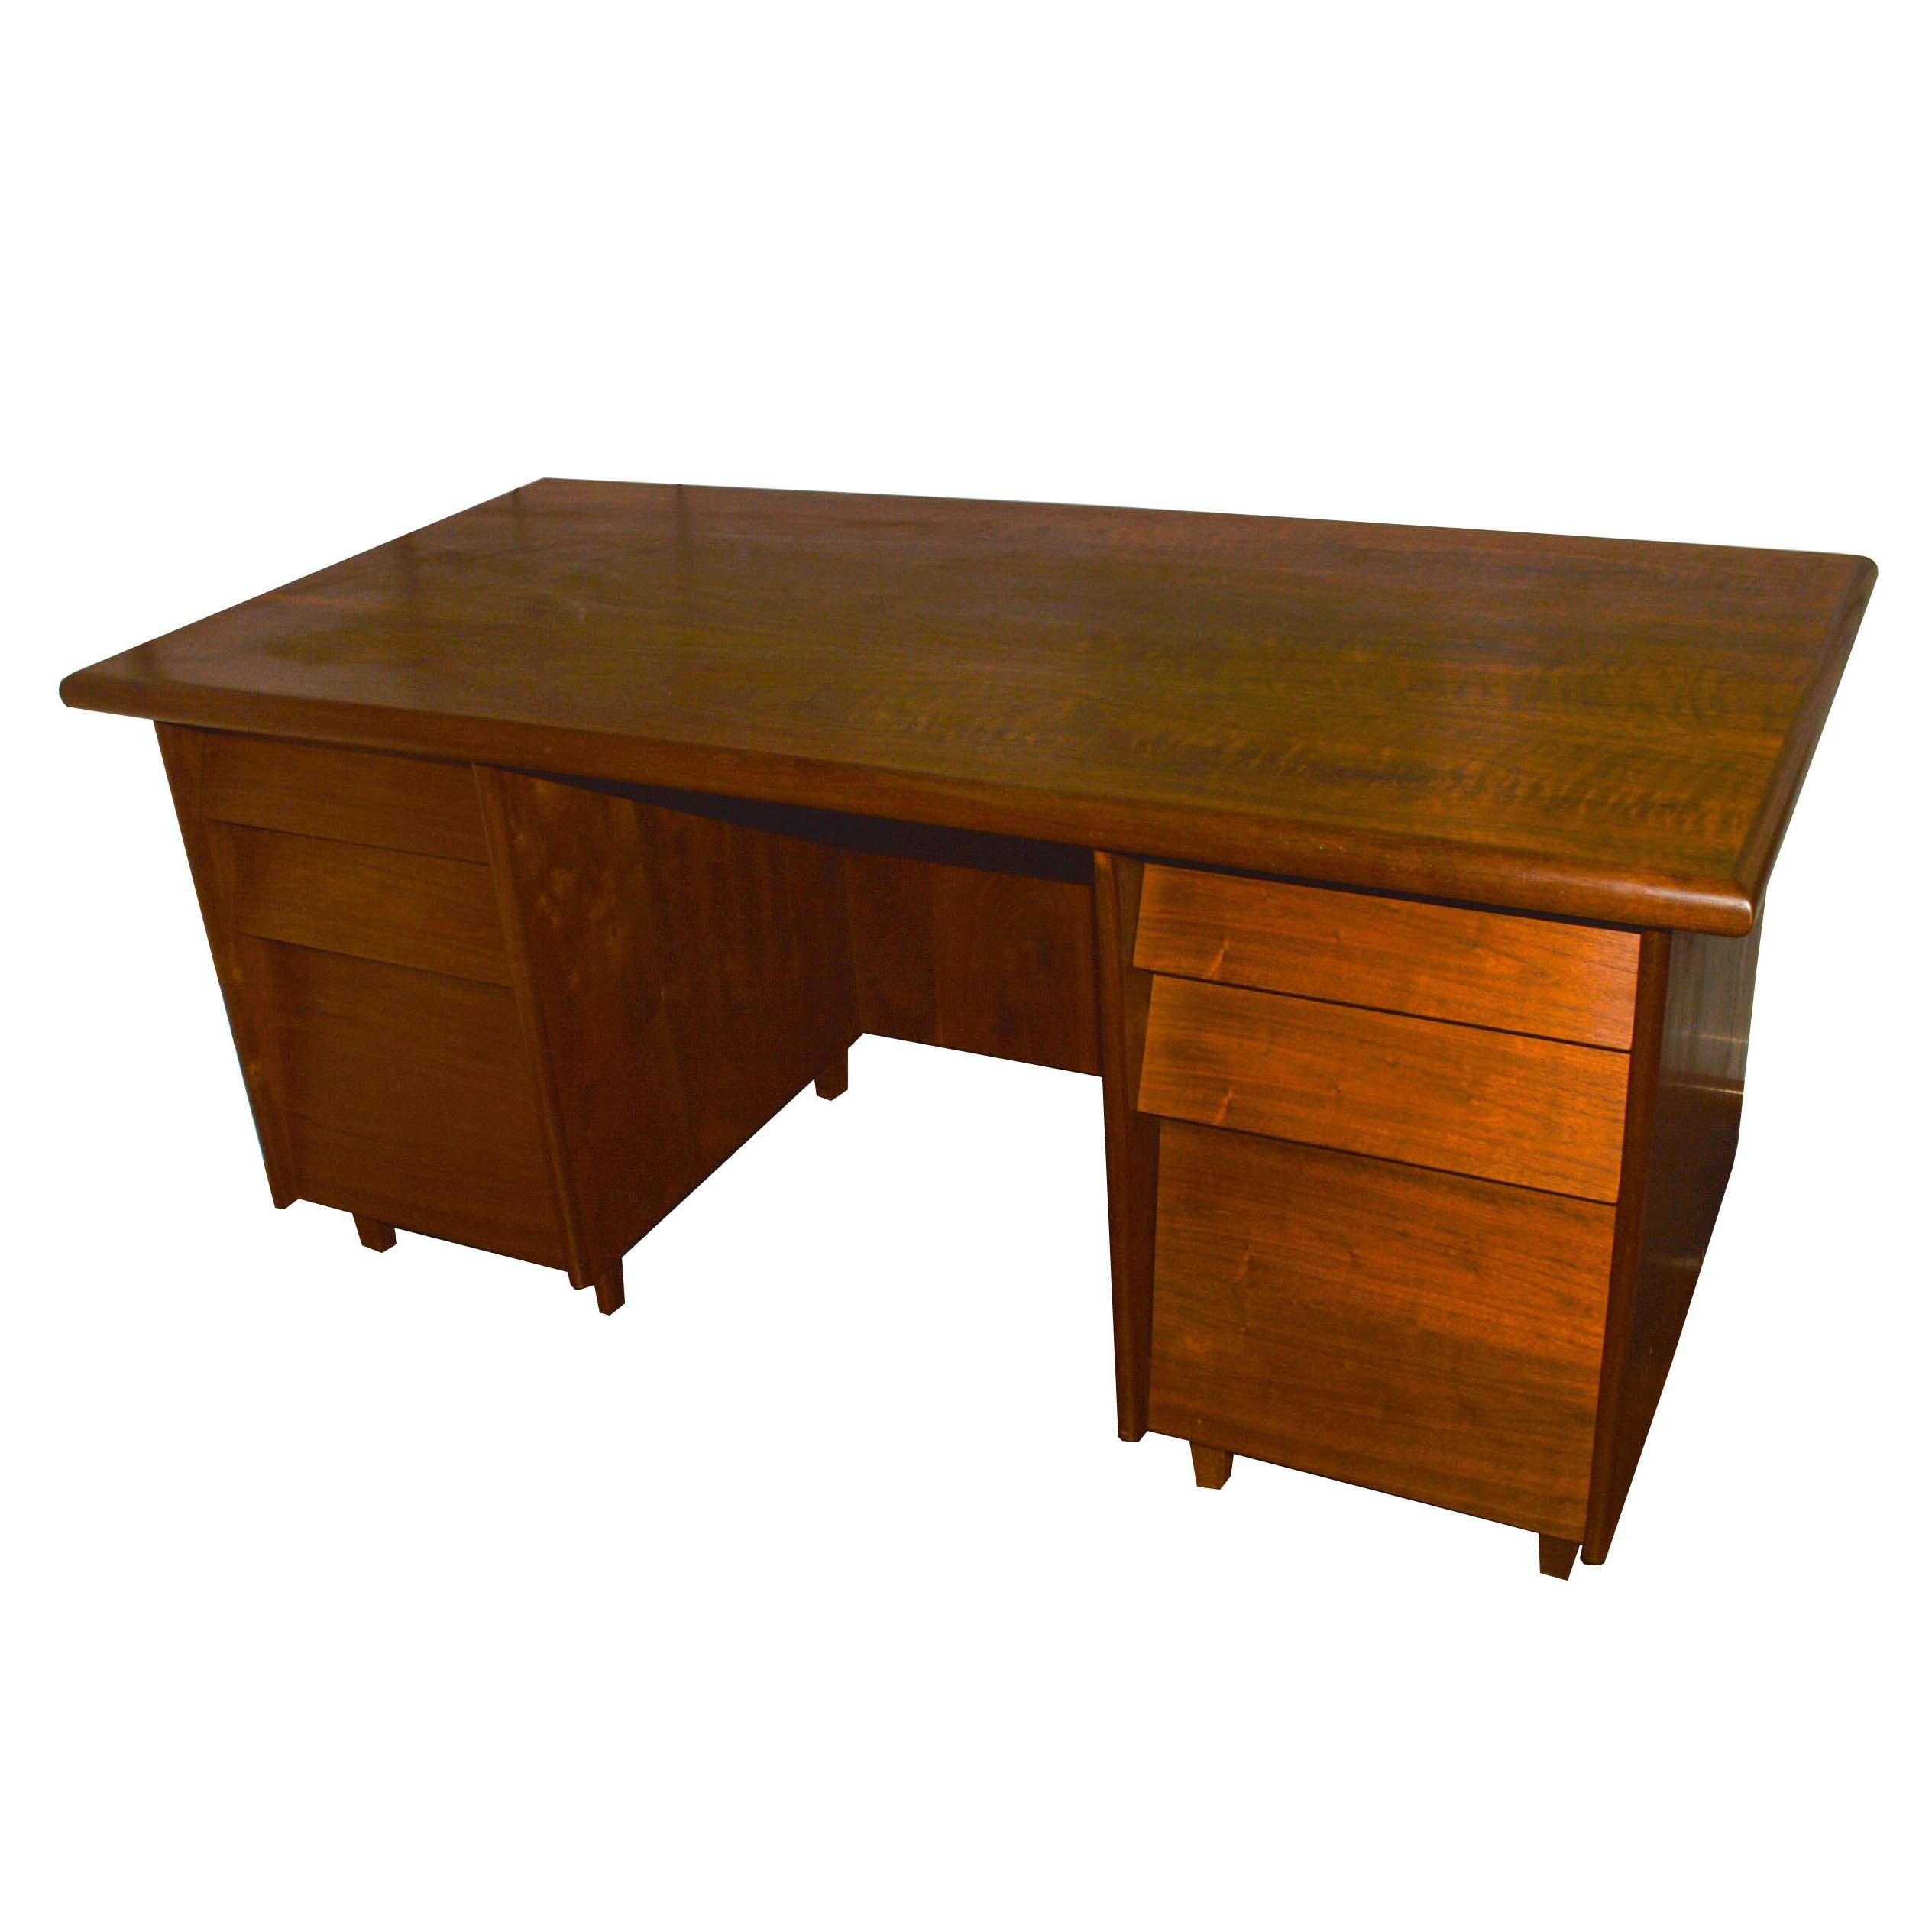 Vintage Danish Modern Desk